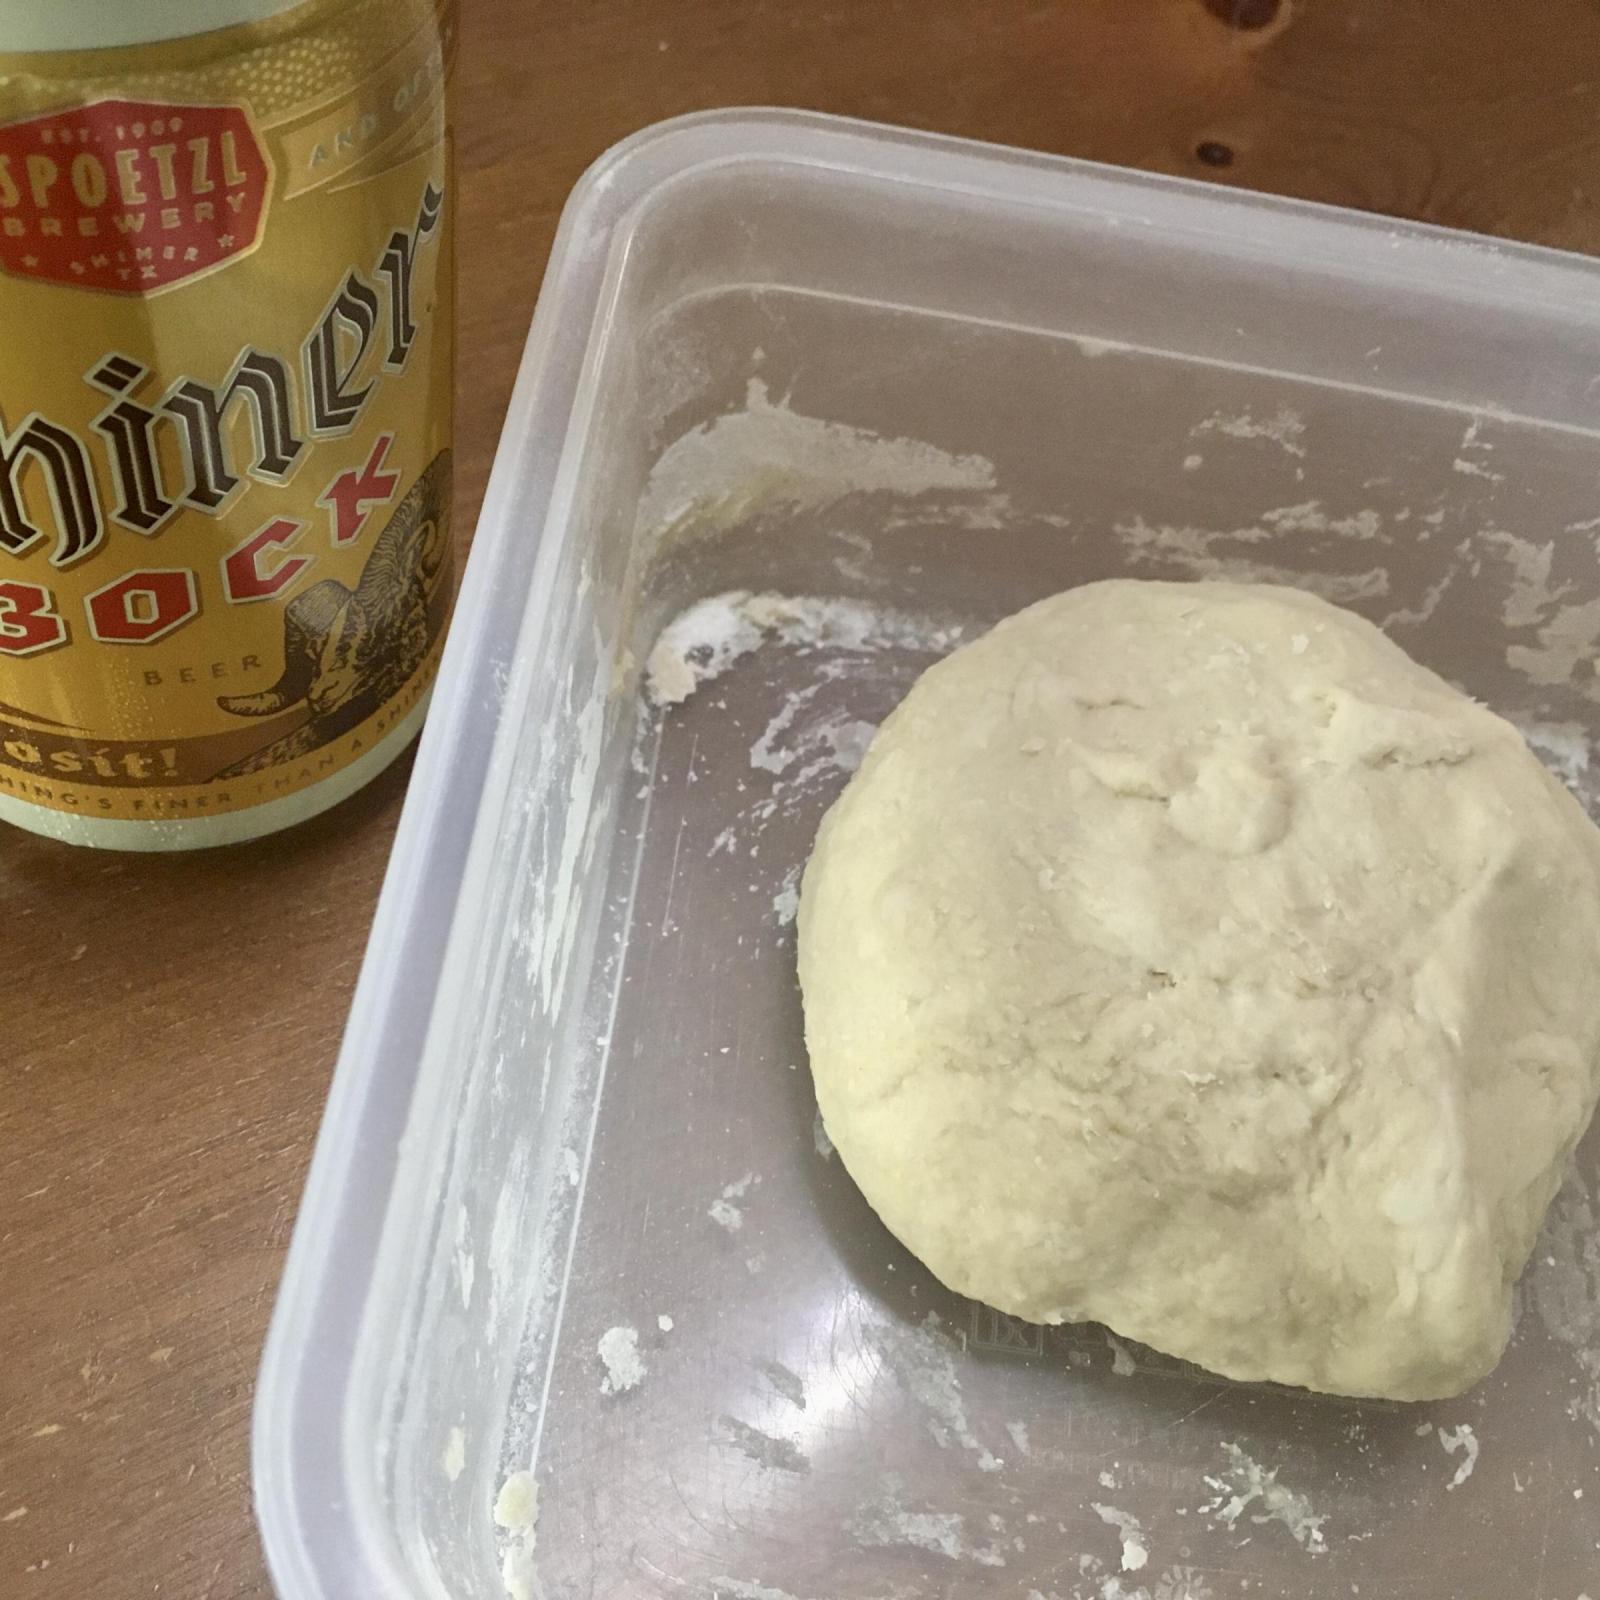 Beery levain